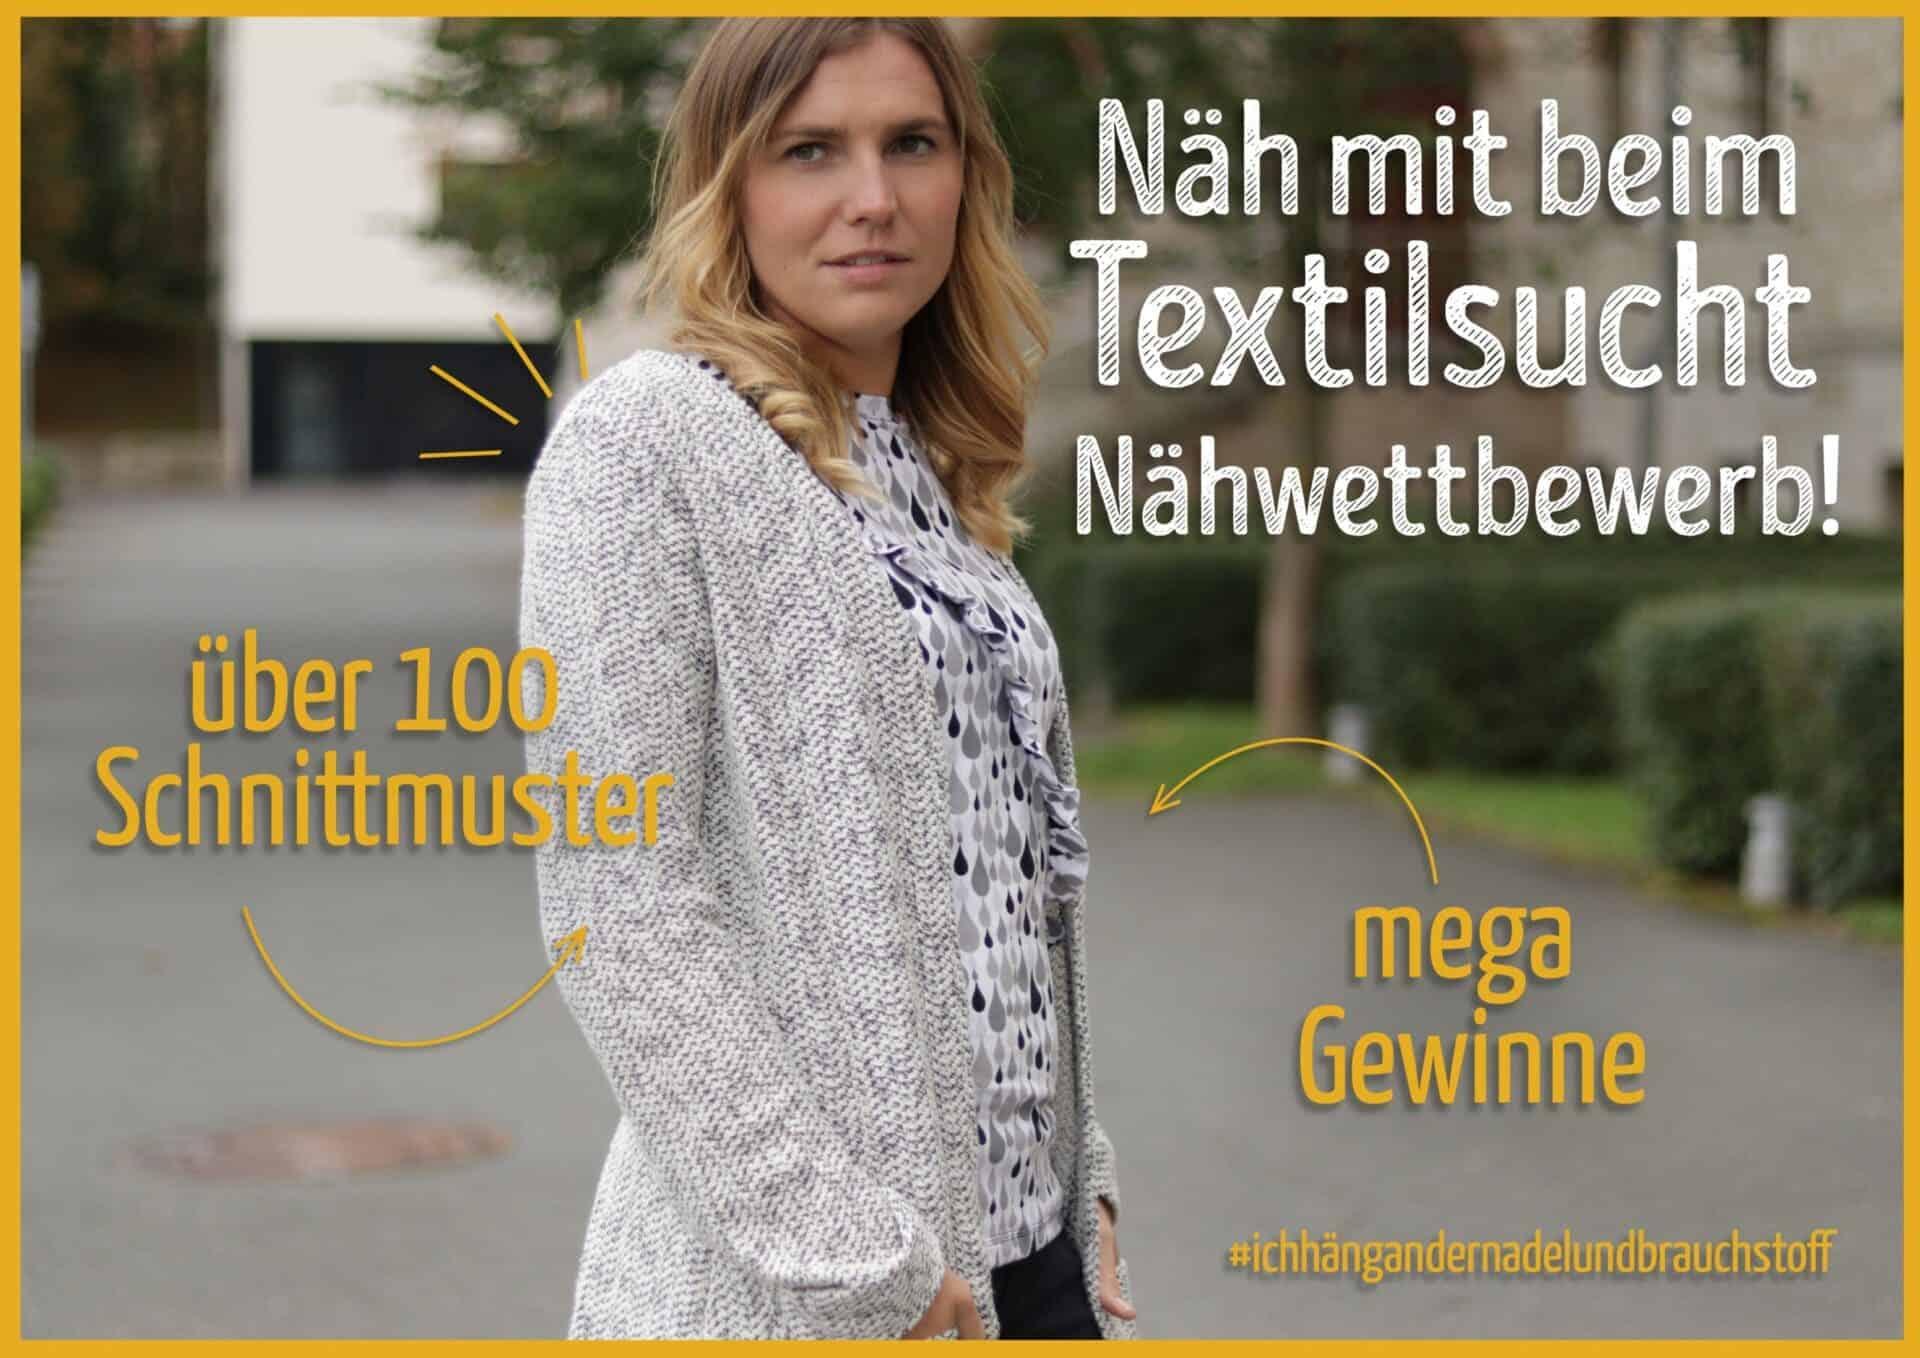 Textilsucht Nähwettbewerb